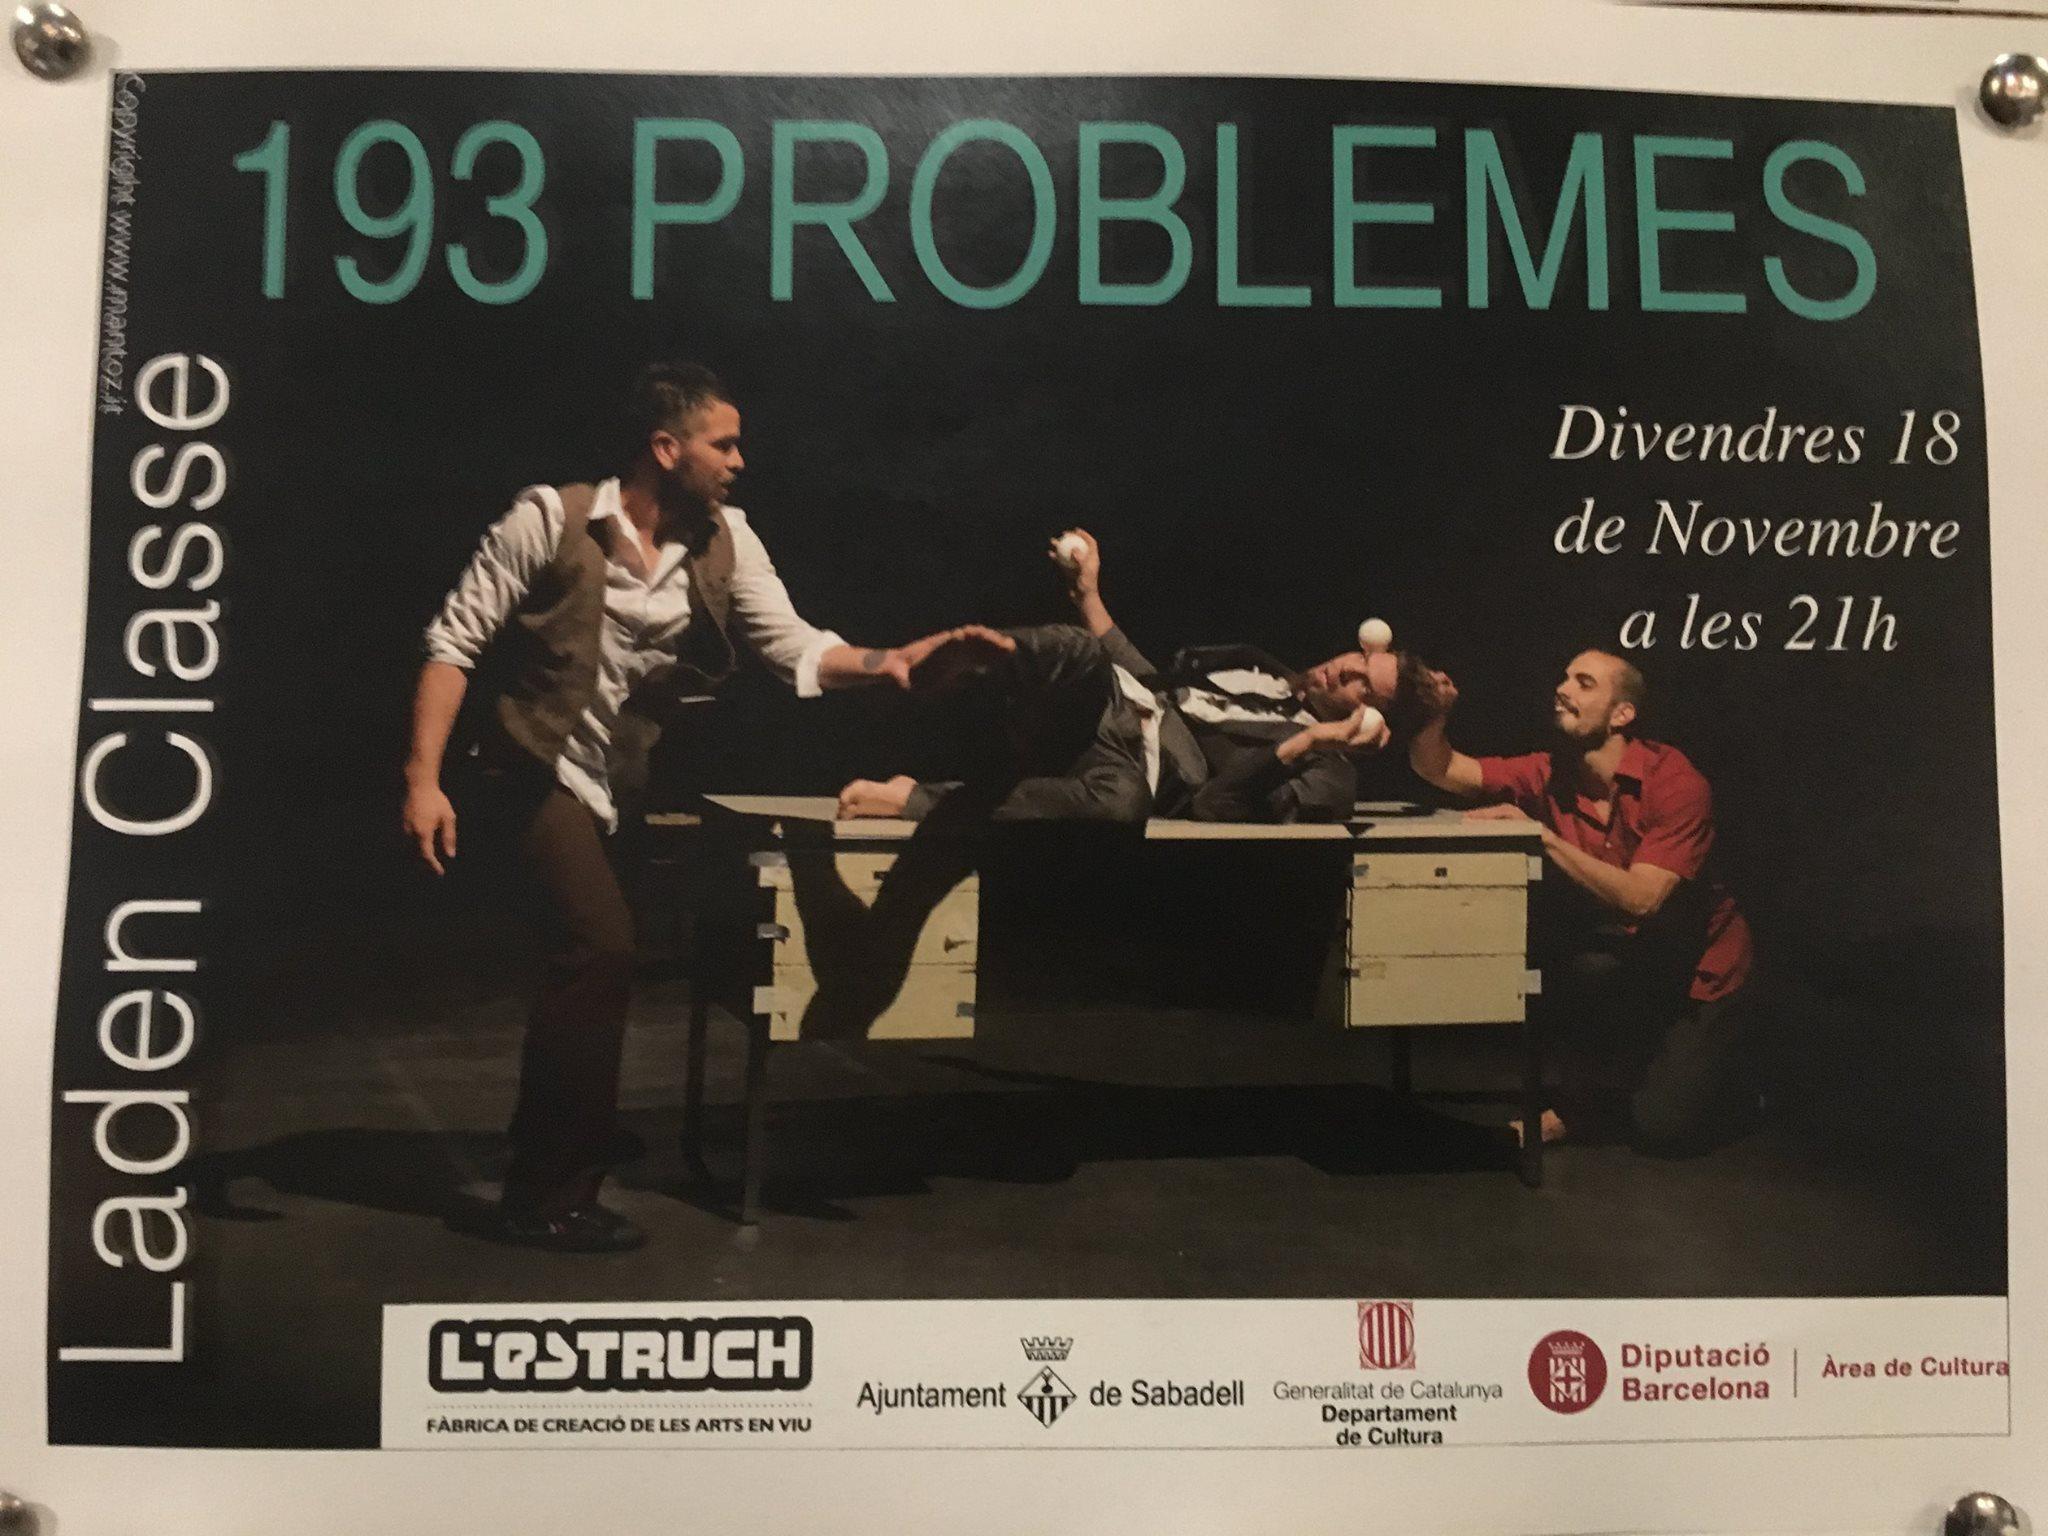 laden-classe-circo-contemporaneo-italia-leo-sbrindola-enrico-formaggi-javier-valera-lucia-granelli-roue-cyr-mano-a-mano-193-problemi-musica-dal-vivo-beatbox-arti-marziali-press3